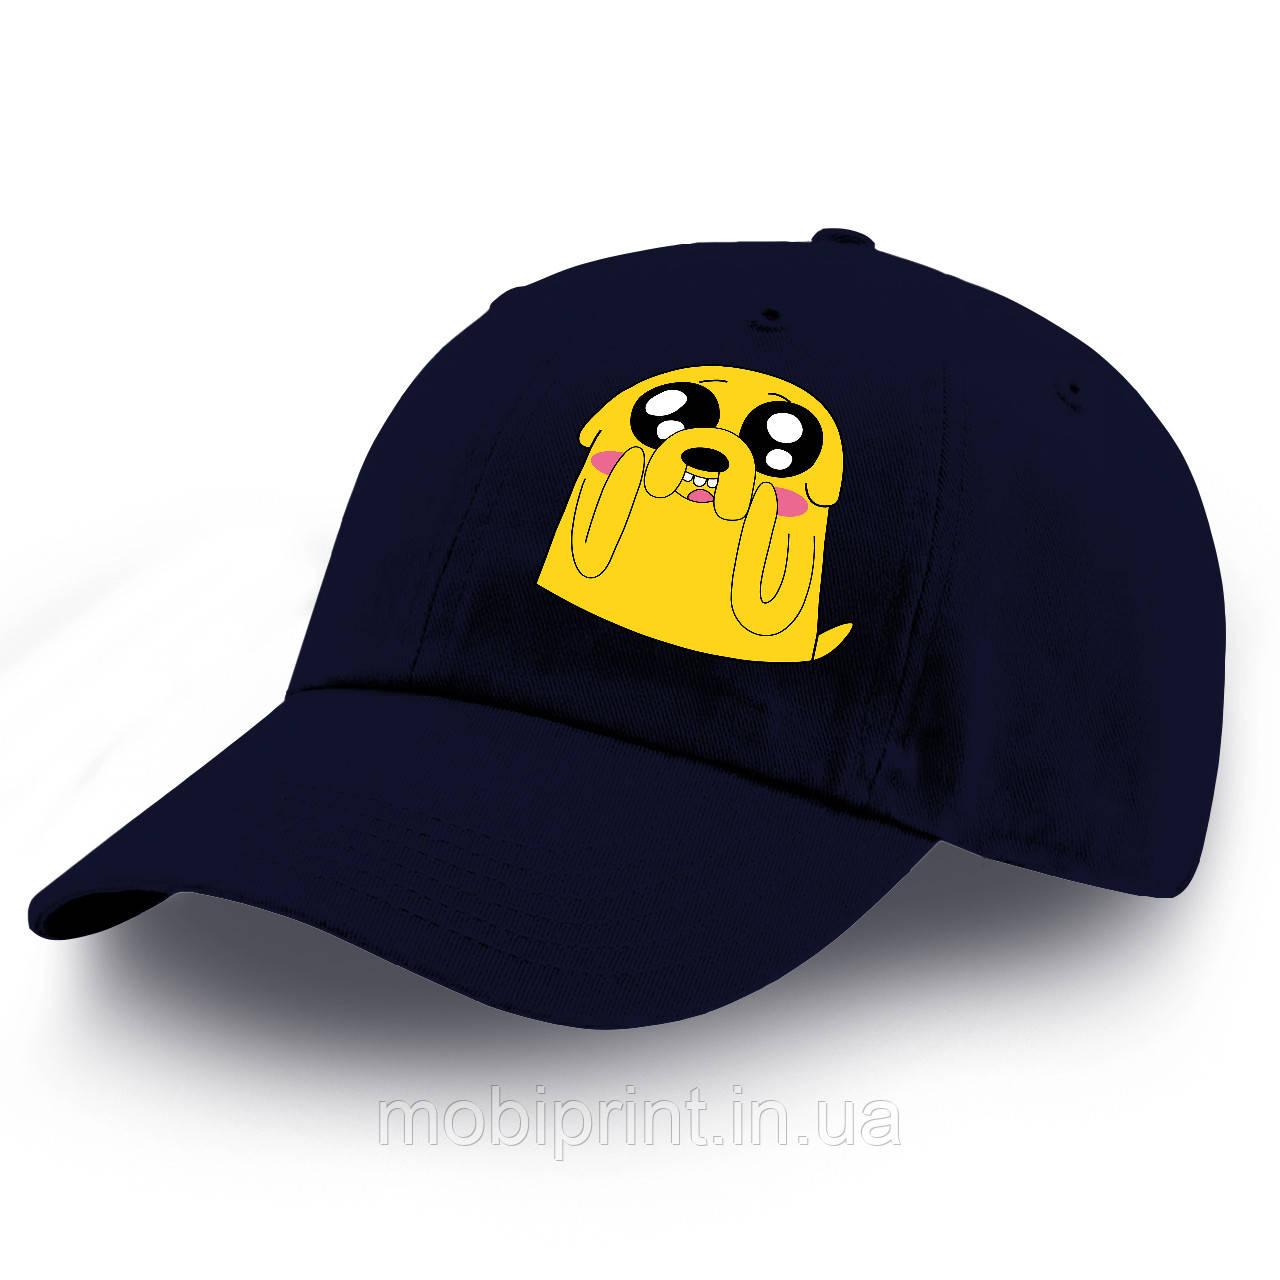 Кепка детская Джейк пес Время Приключений (Adventure Time) 100% Хлопок (9273-1577)